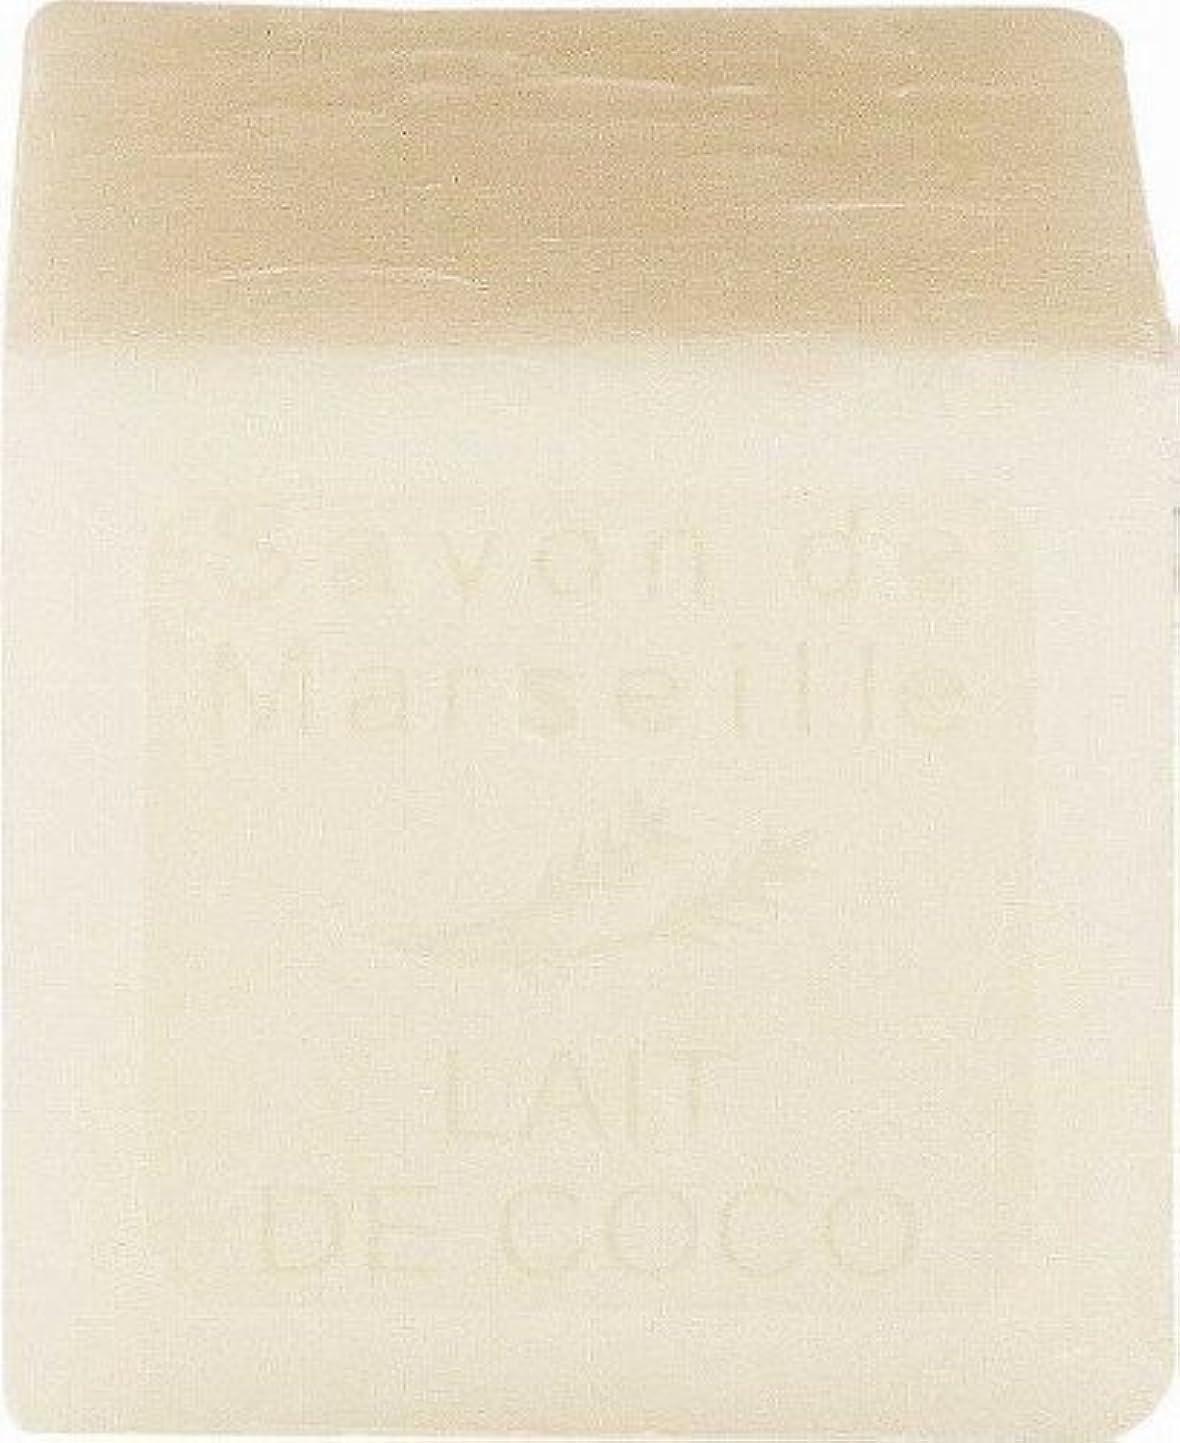 トレードきゅうり灌漑ル?シャトゥラール キューブソープ 100g ココナッツミルク CUBE100